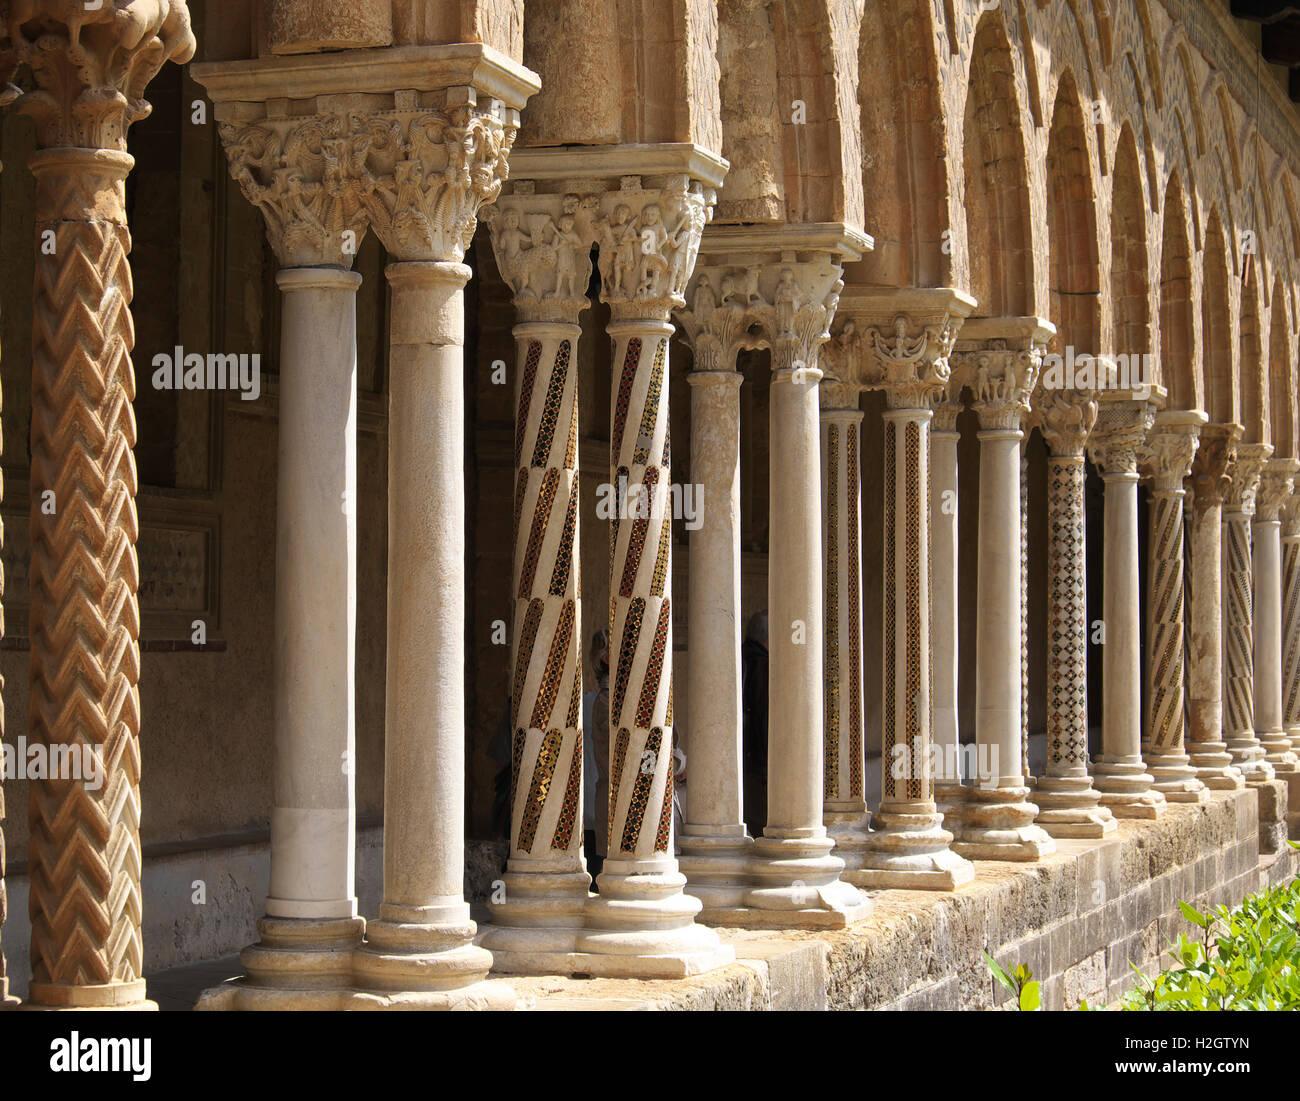 Chiostro con pilastri ornati nel cortile della Cattedrale di Monreale, Monreale, sicilia, Italia Immagini Stock